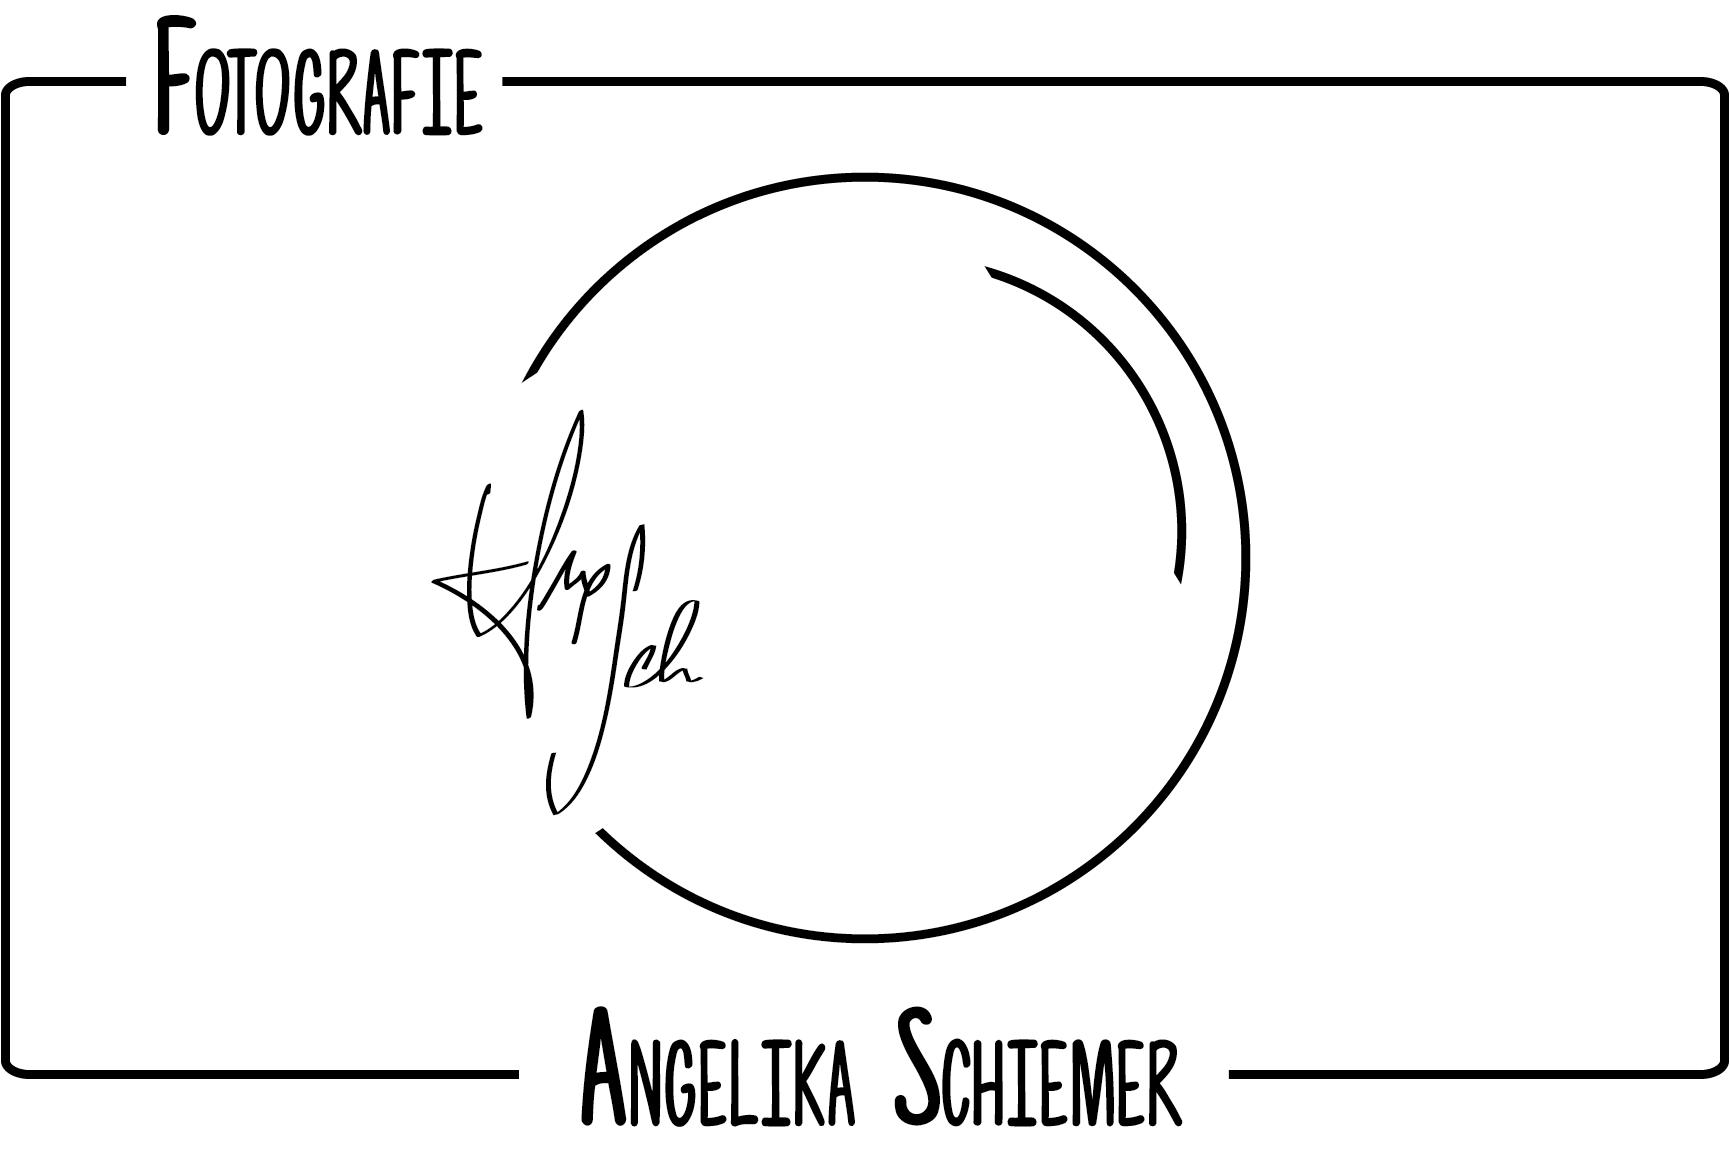 Angelika Schiemer